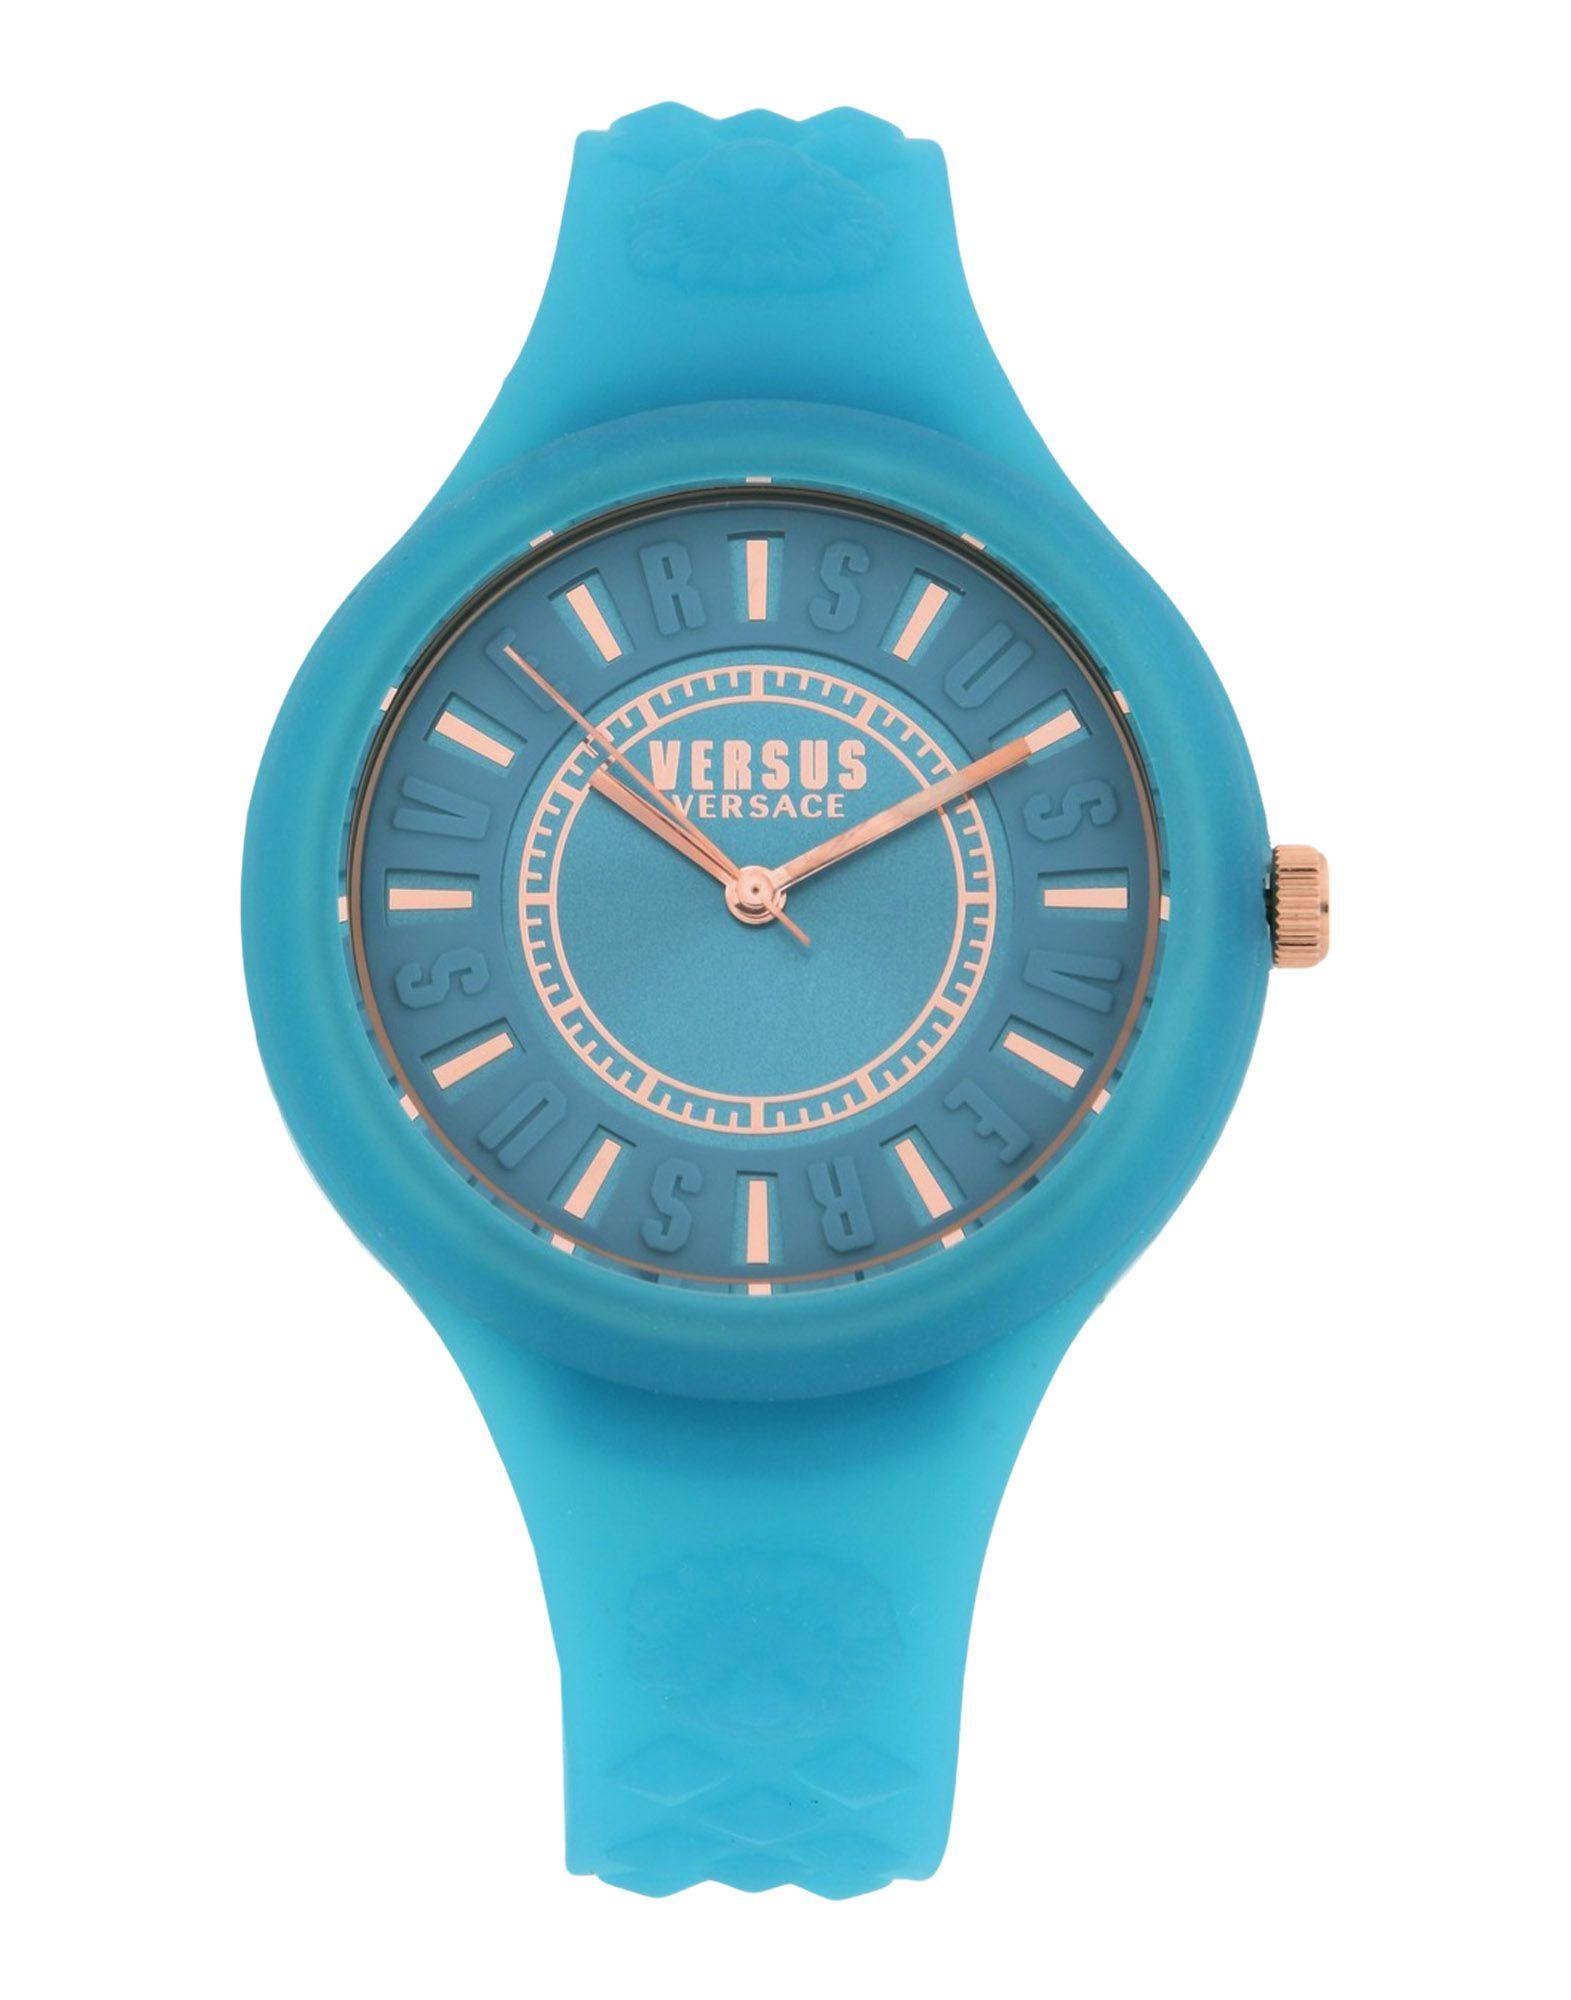 VERSUS VERSACE Наручные часы часы наручные versace часы